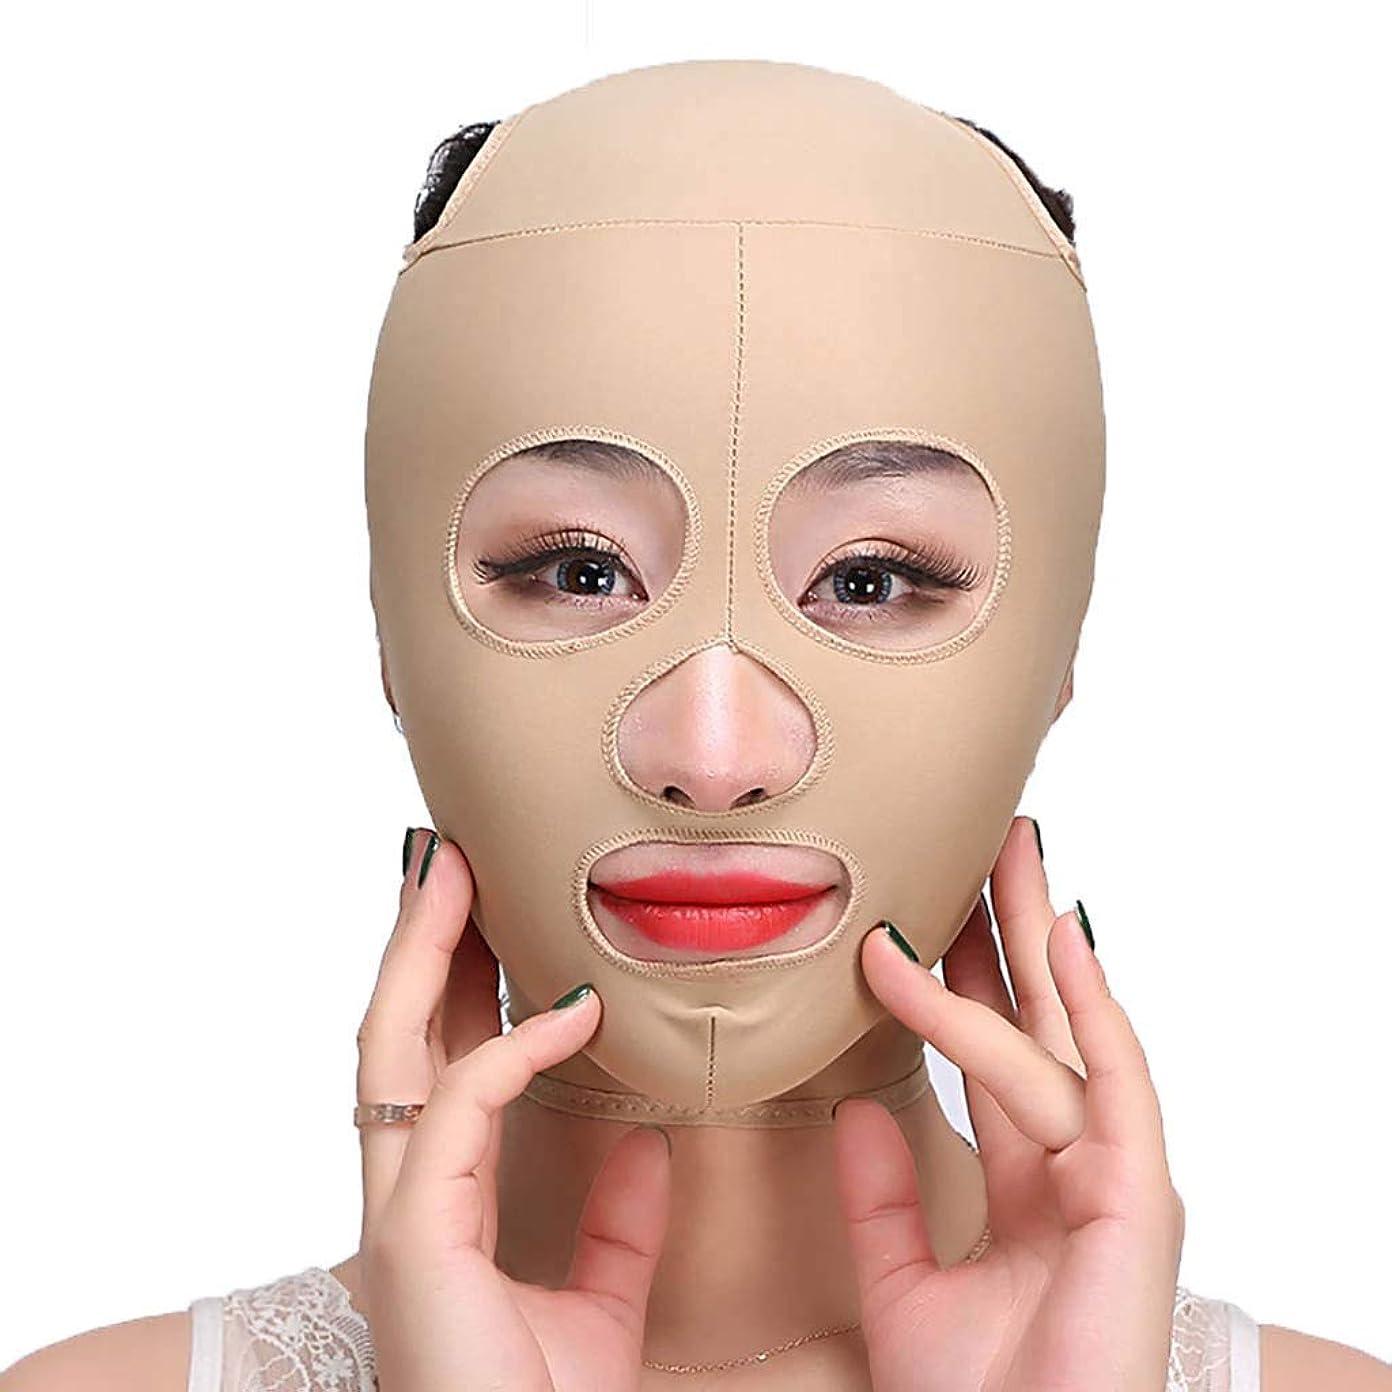 モンスター朝不良痩身ベルト、フェイスマスクシンフェイス機器リフティング引き締めVフェイス男性と女性フェイスリフティングステッカーダブルチンフェイスリフティングフェイスマスク包帯フェイシャルマッサージ(サイズ:M)